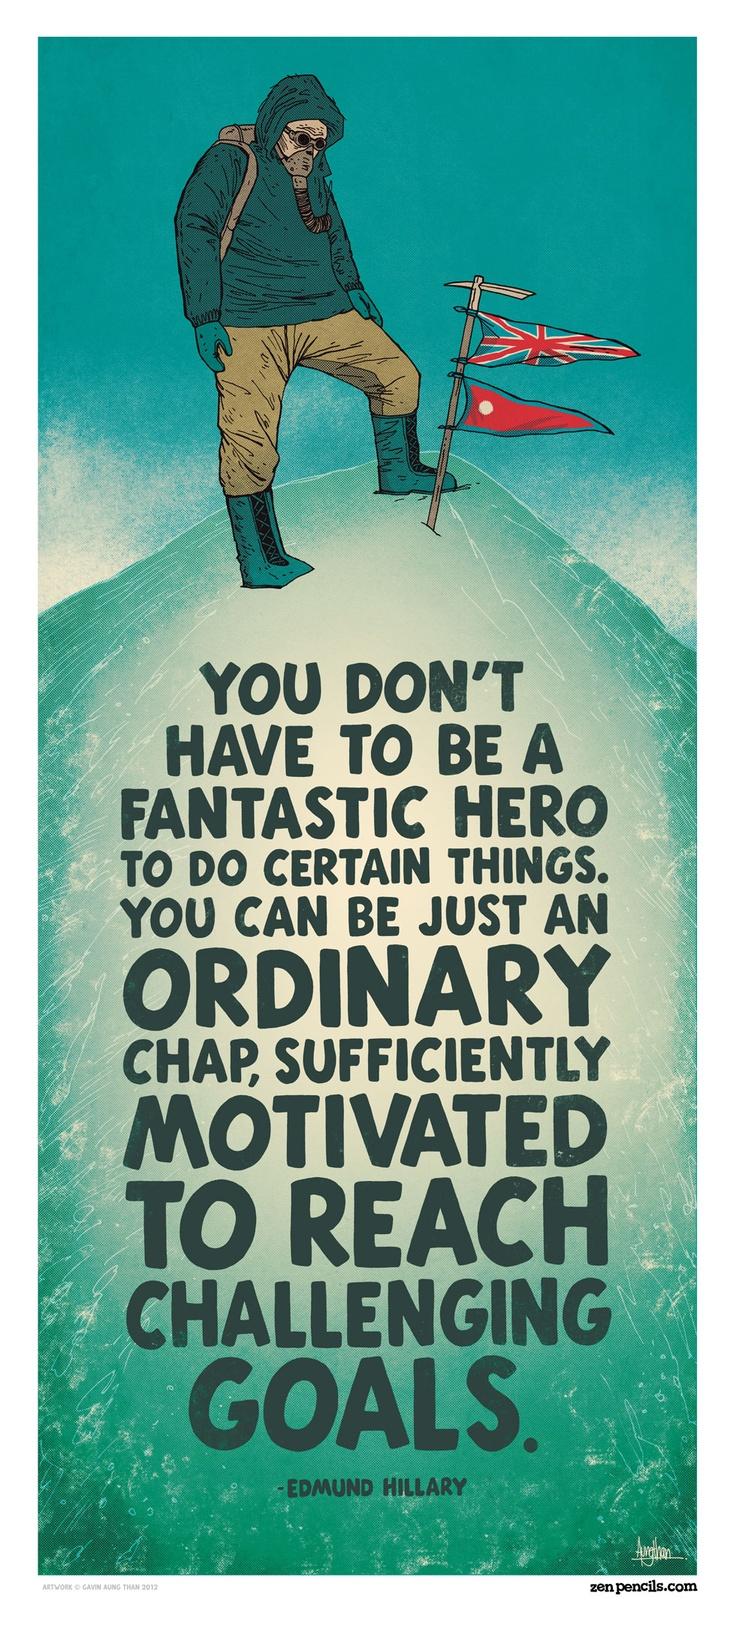 Sir Edmund Hillary & Mt. Everest.